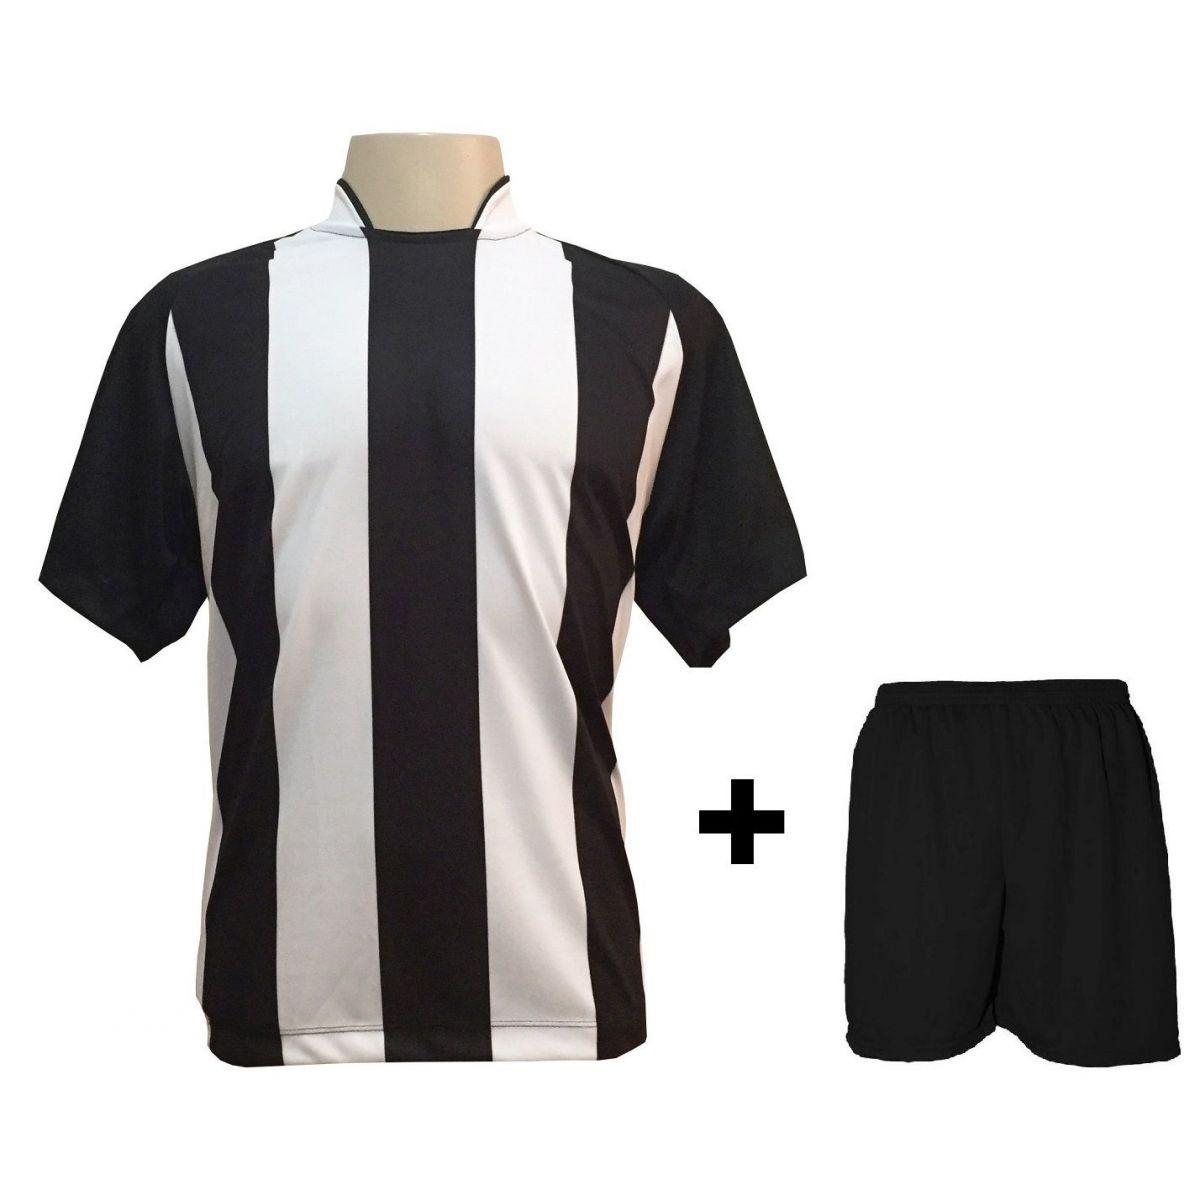 Uniforme Esportivo com 18 Camisas modelo Milan Preto/Branco + 18 Calções modelo Madrid Preto